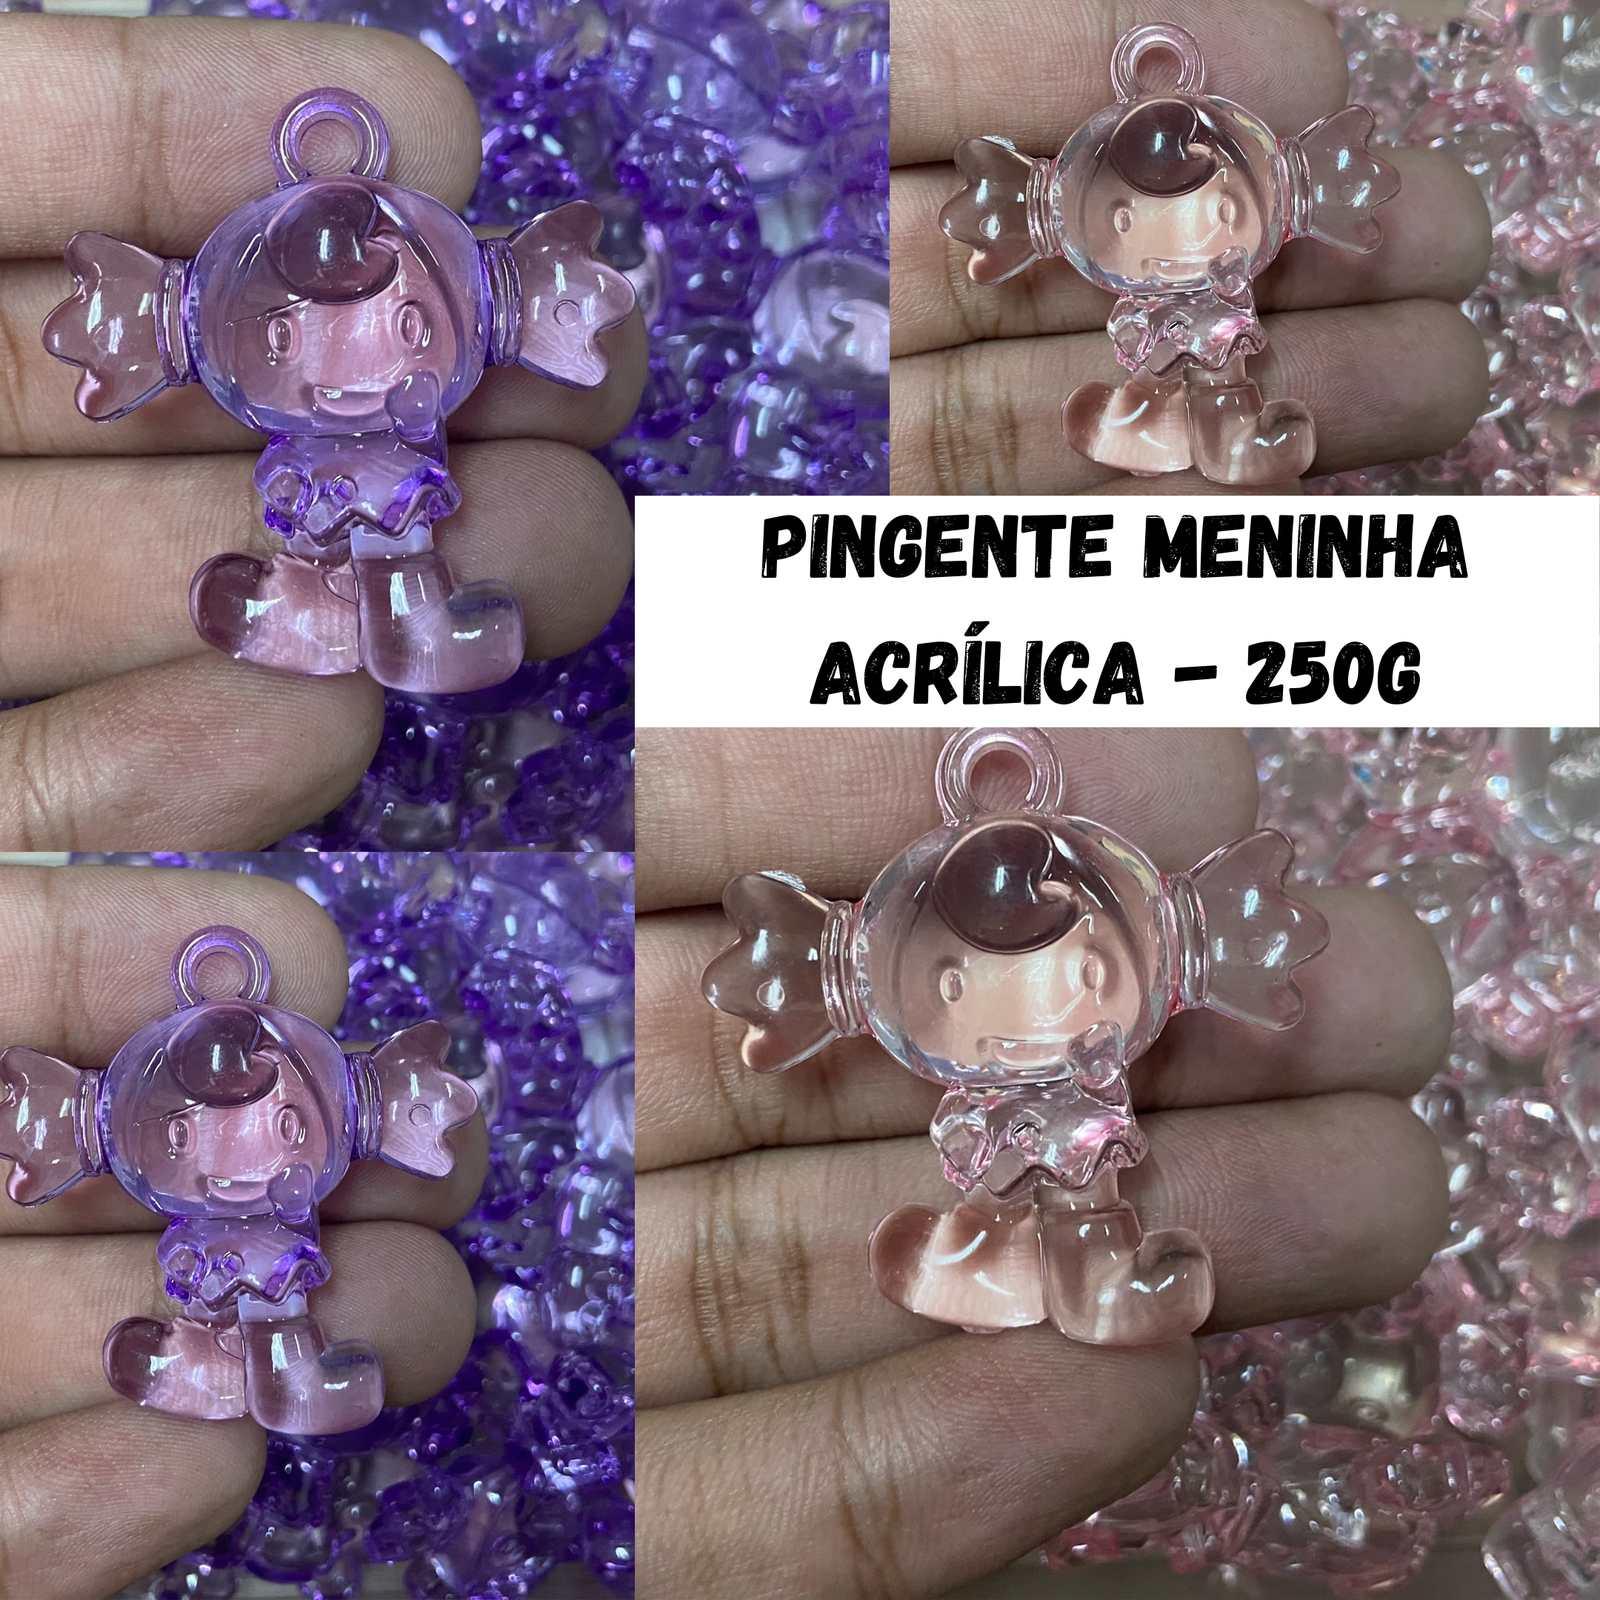 Pingente Acrílico Menininha - 250g